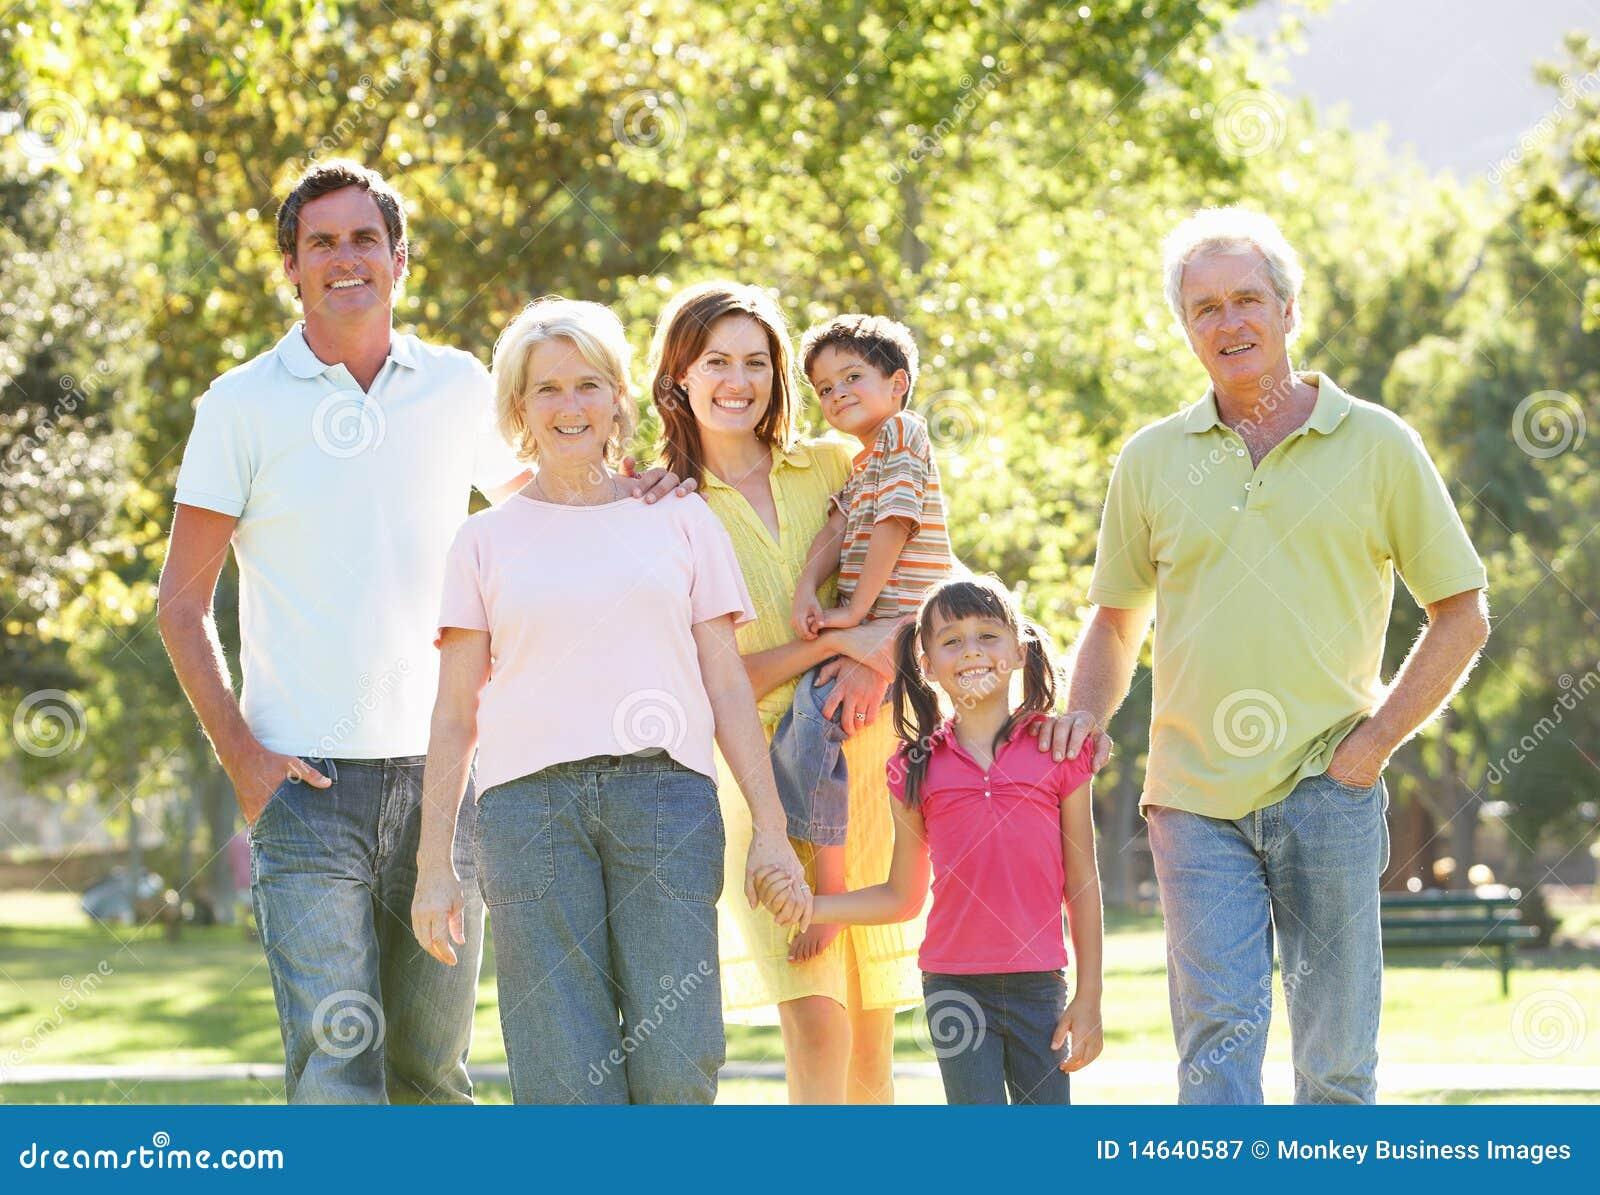 Portrait Of Family Enjoying Walk In